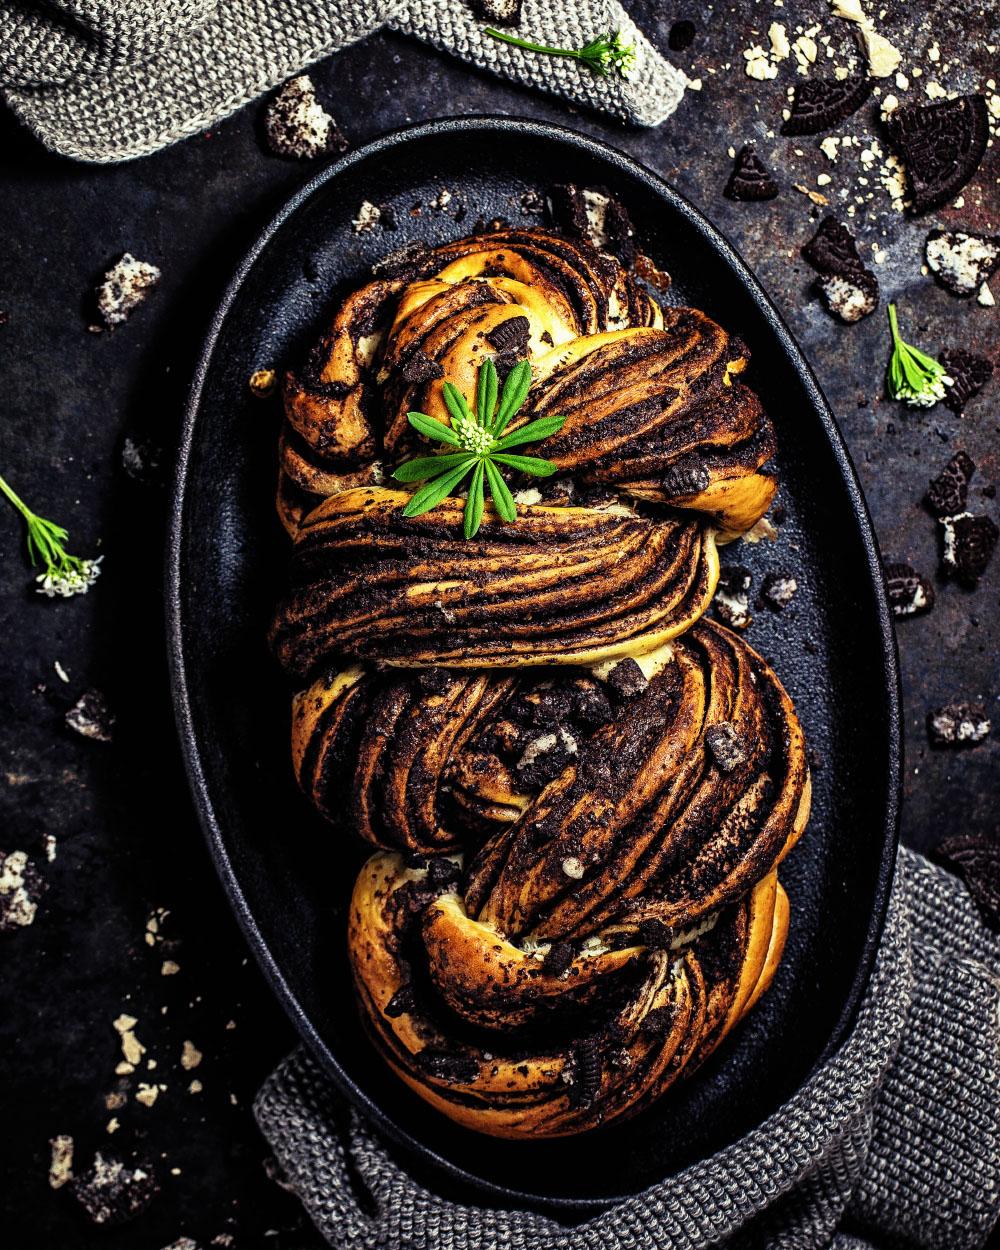 Oreo Hefezopf einfaches und schokoladiges Rezept für eindrucksvollen Keks-Kranz mit Oreo